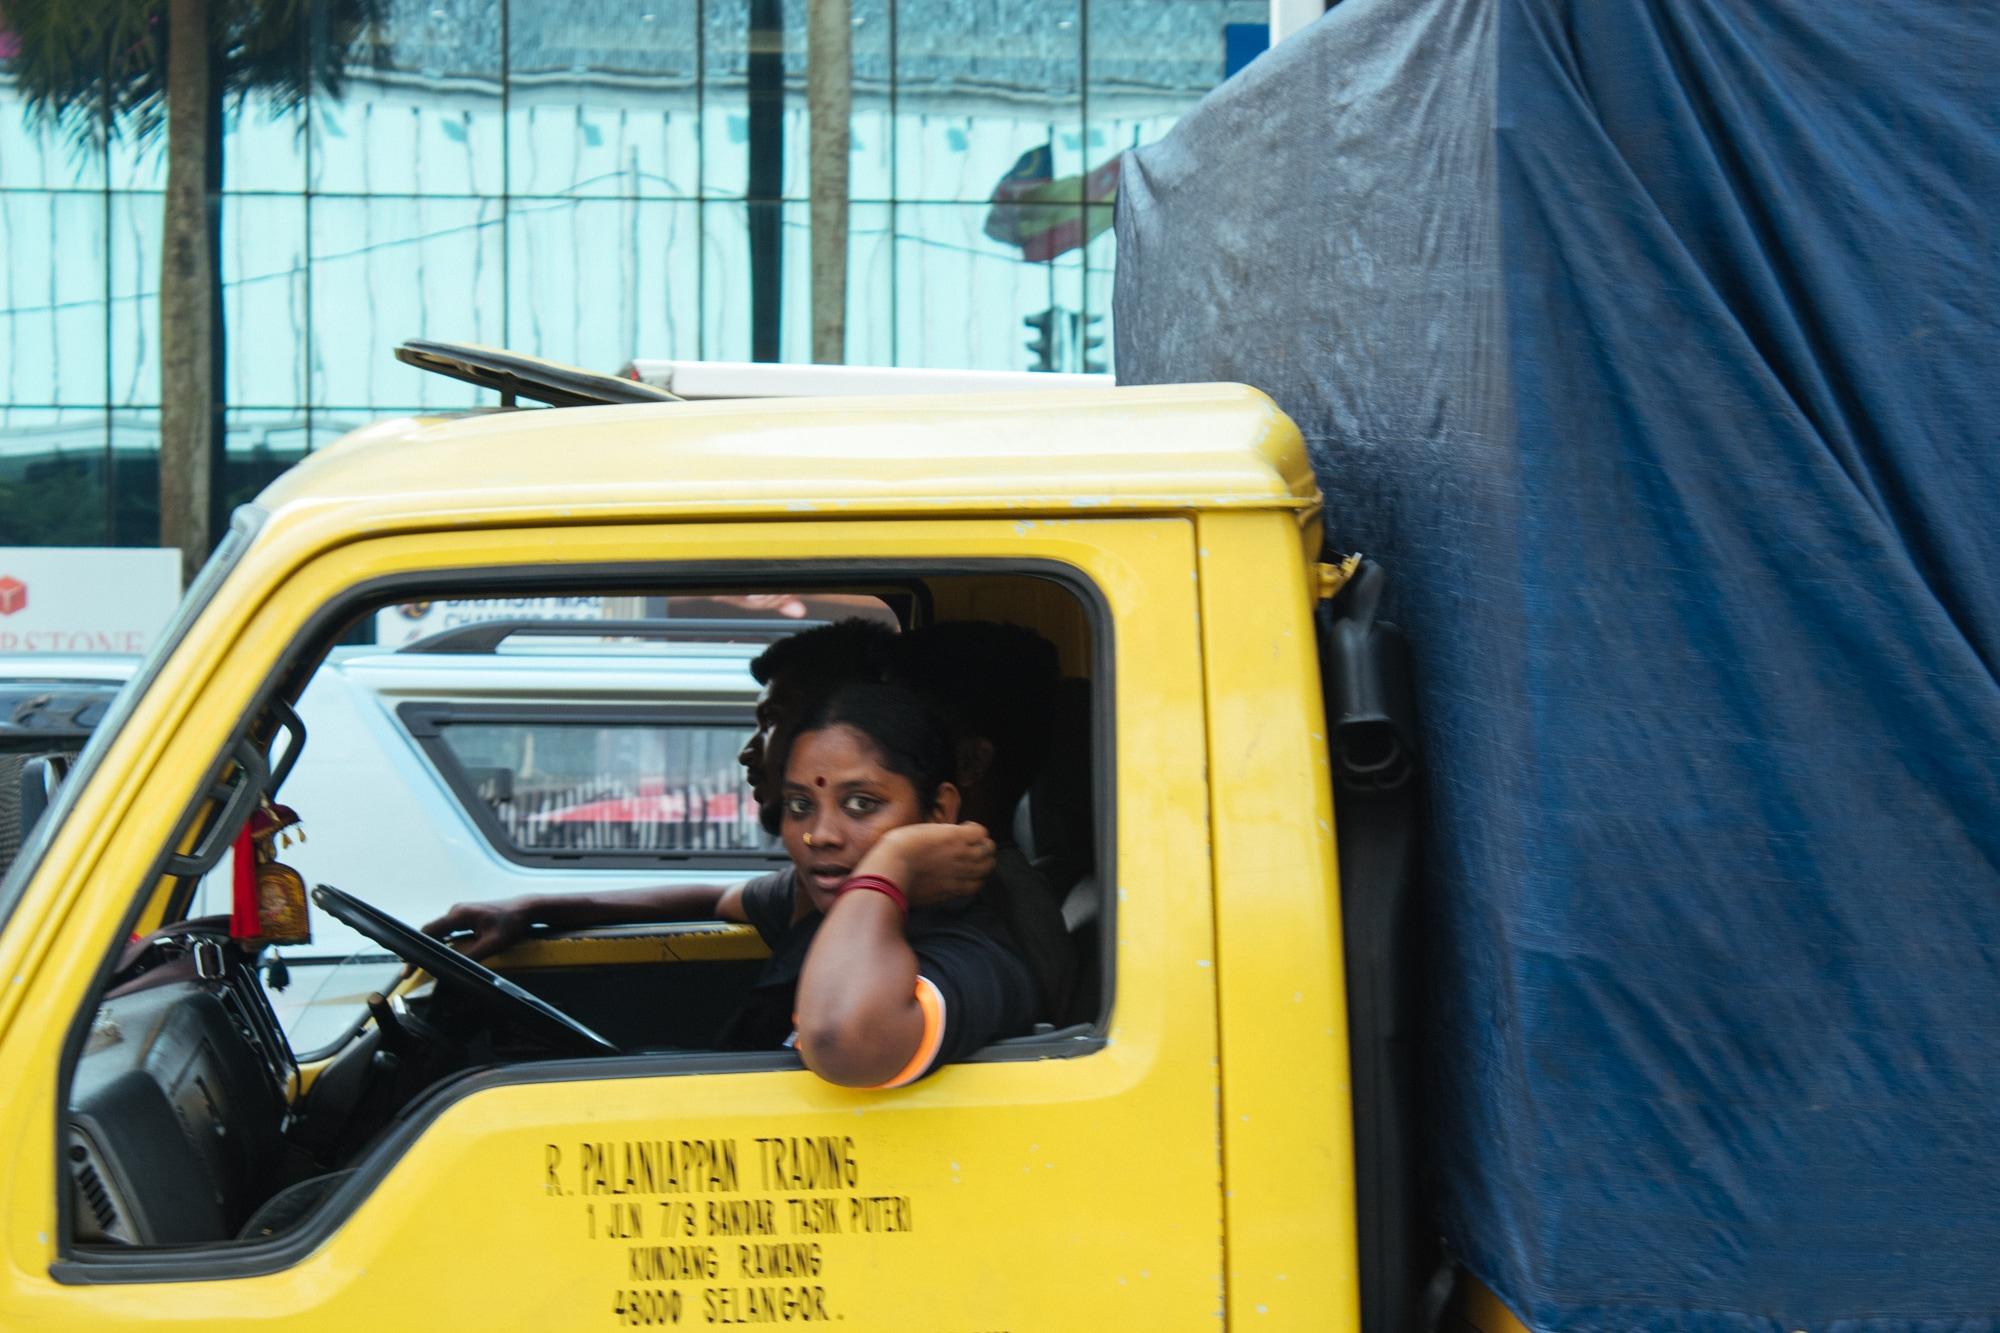 That woman in Kuala Lumpur - I